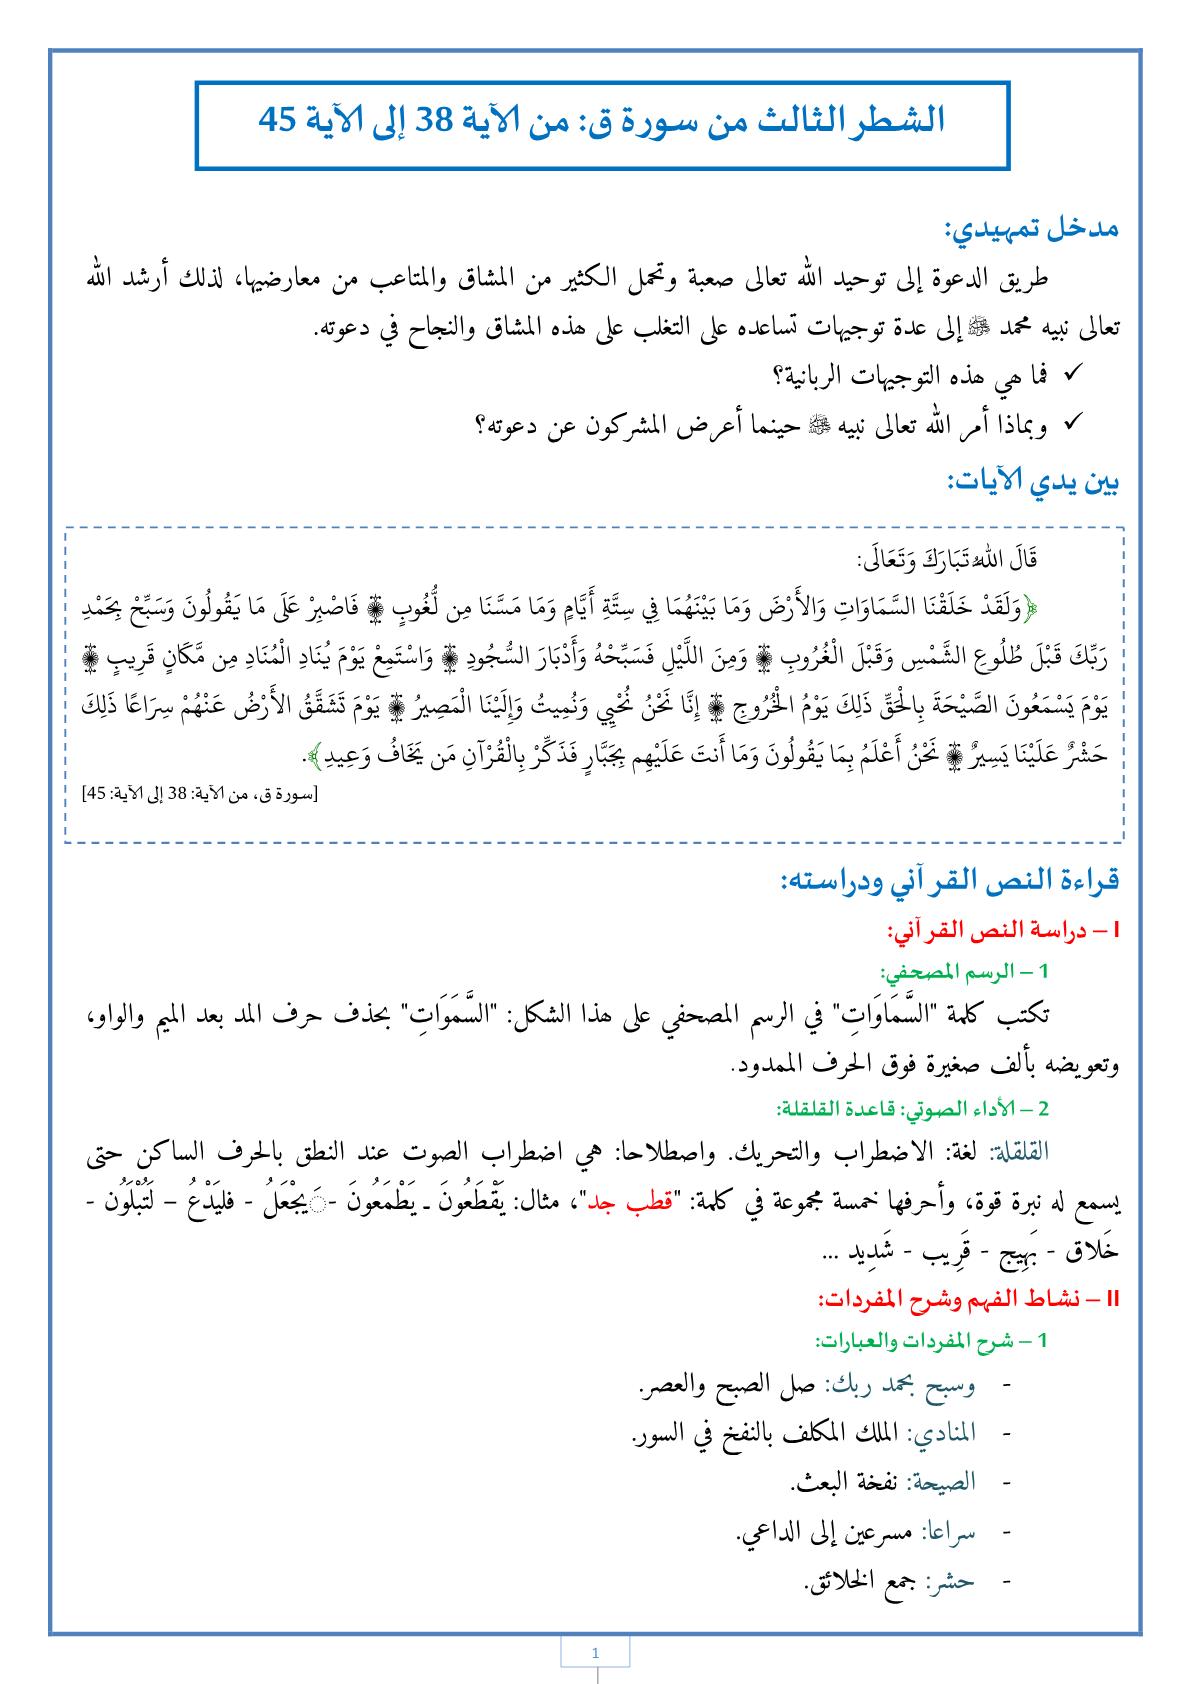 درس سورة ق الشطر الثالث مادة التربية الاسلامية للسنة الأولى إعدادي